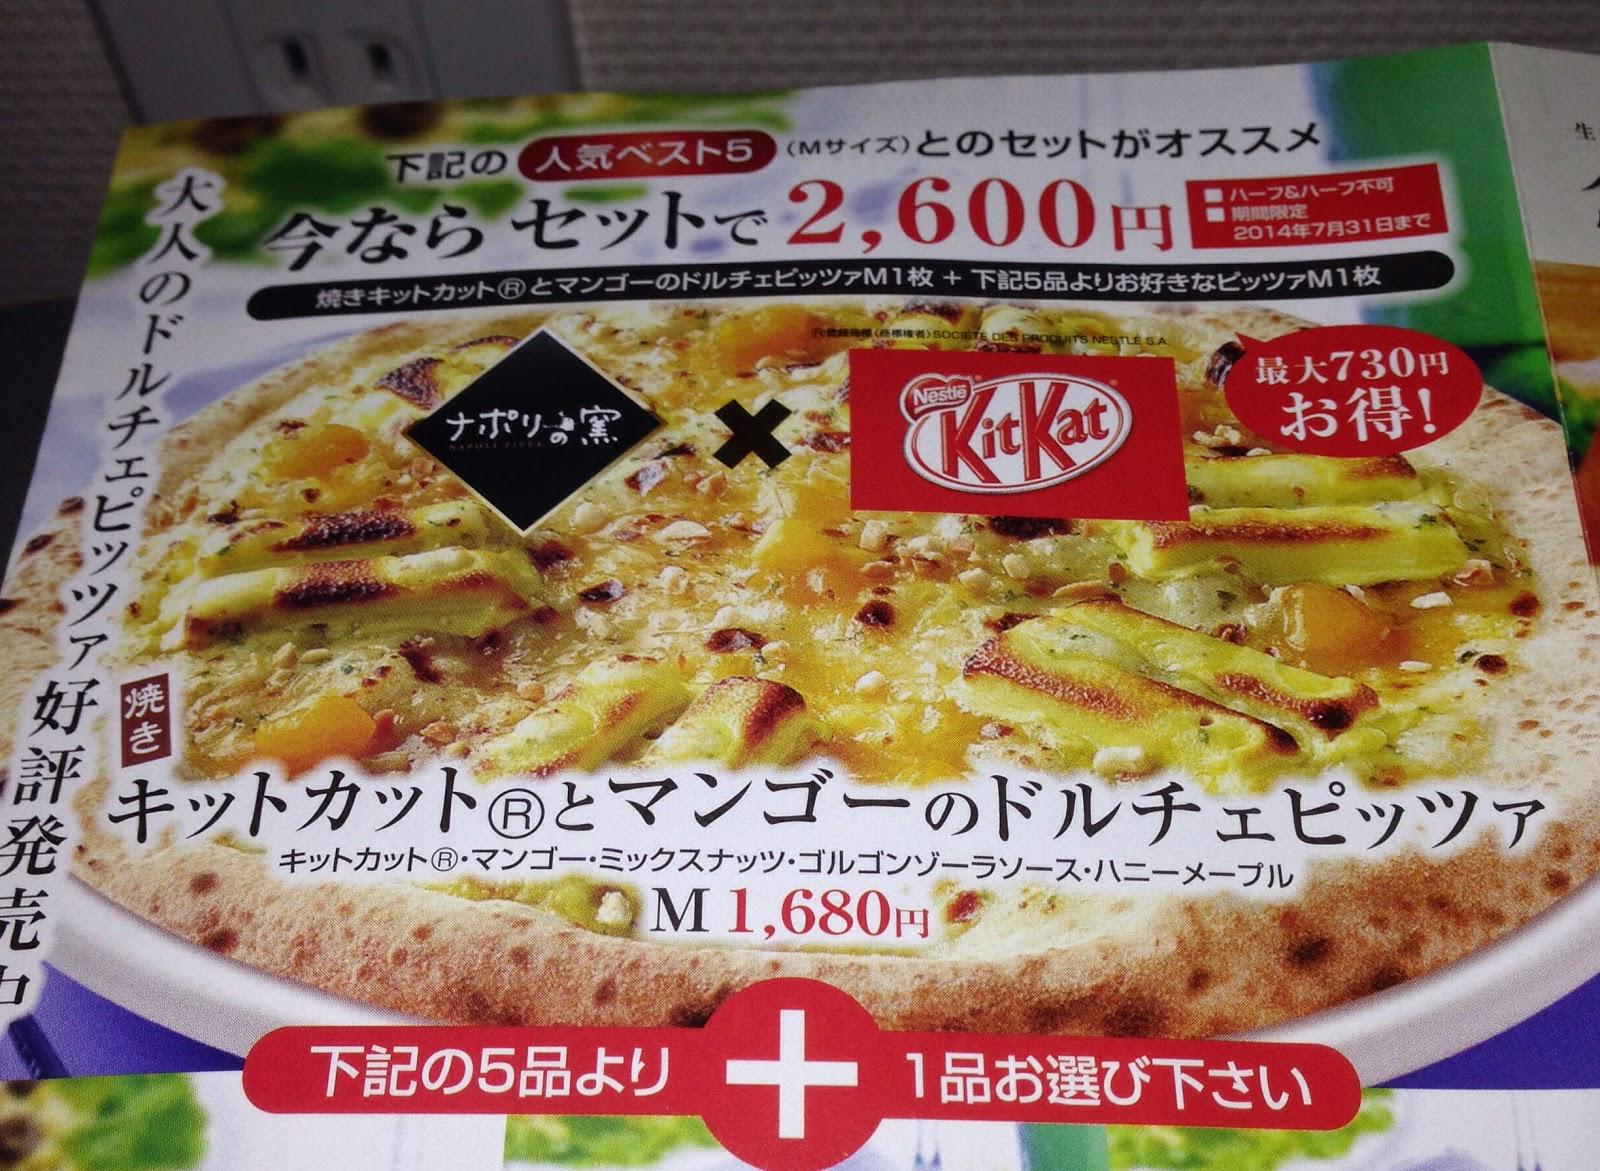 Kit Kat Pizza!